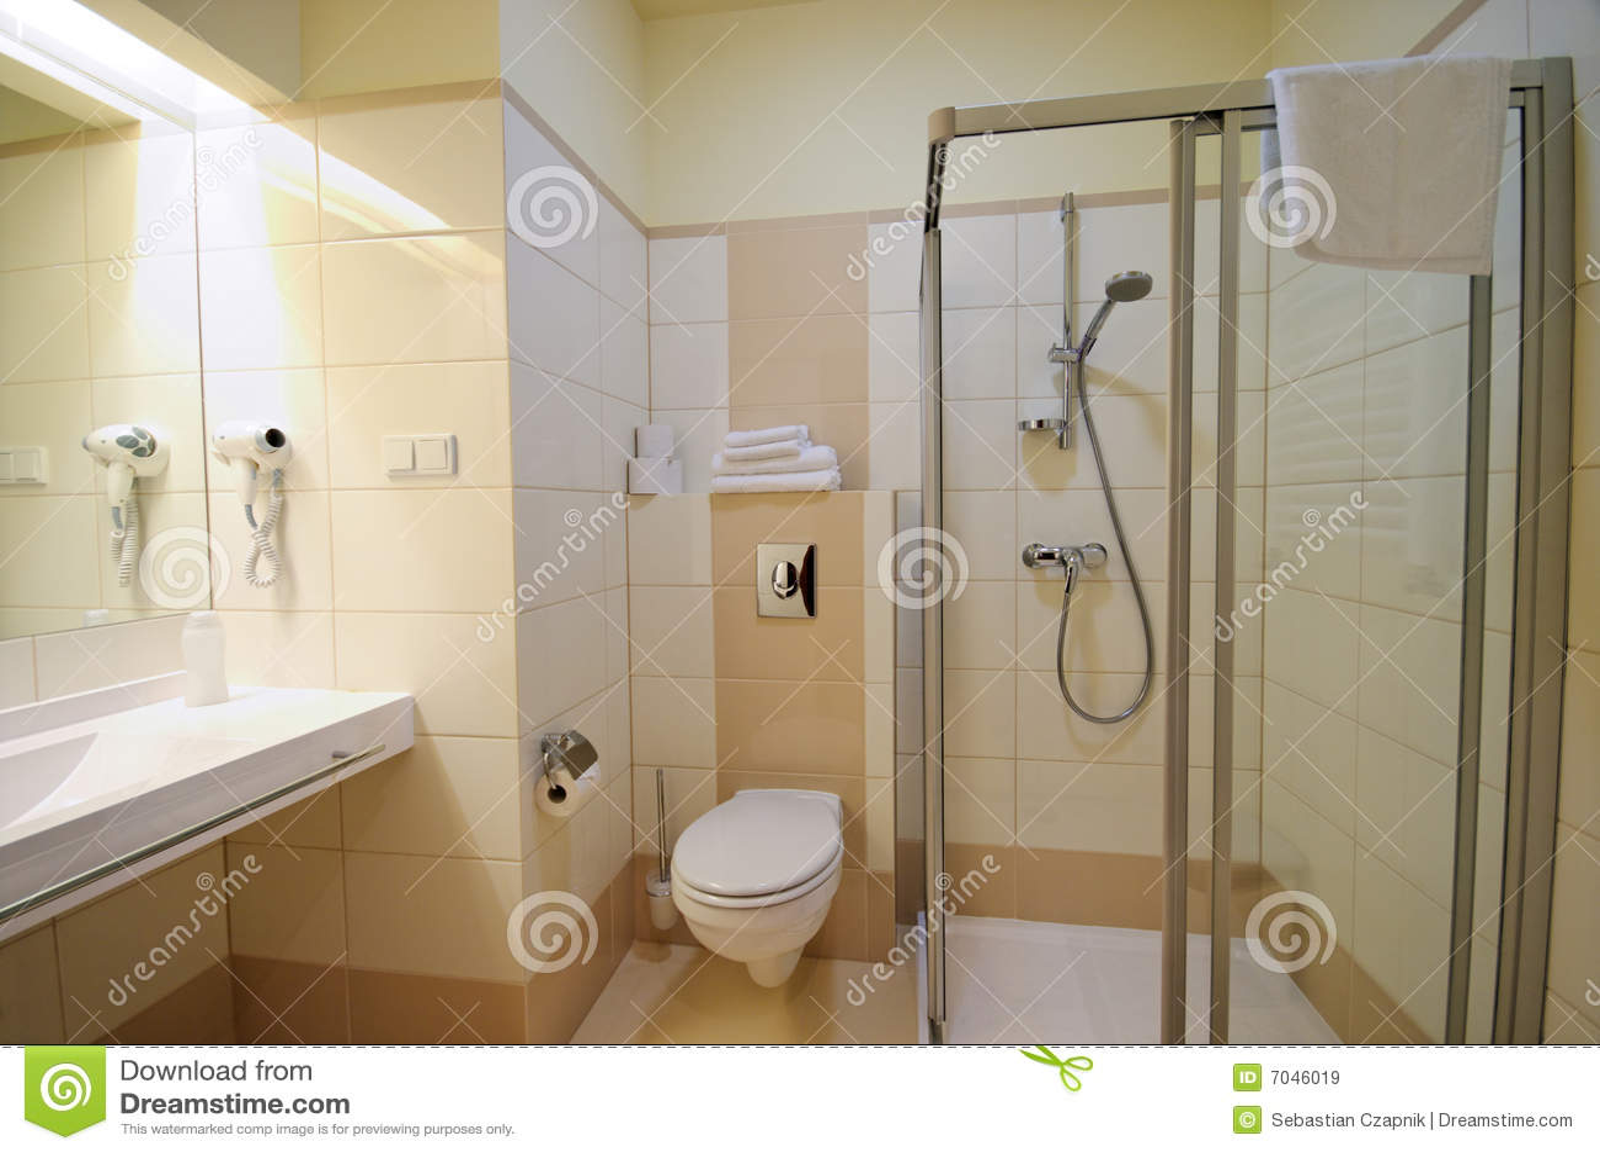 Banheiro Bege Imagens de Stock Royalty Free Imagem: 7046019 #85A922 1300x954 Banheiro Azul E Bege